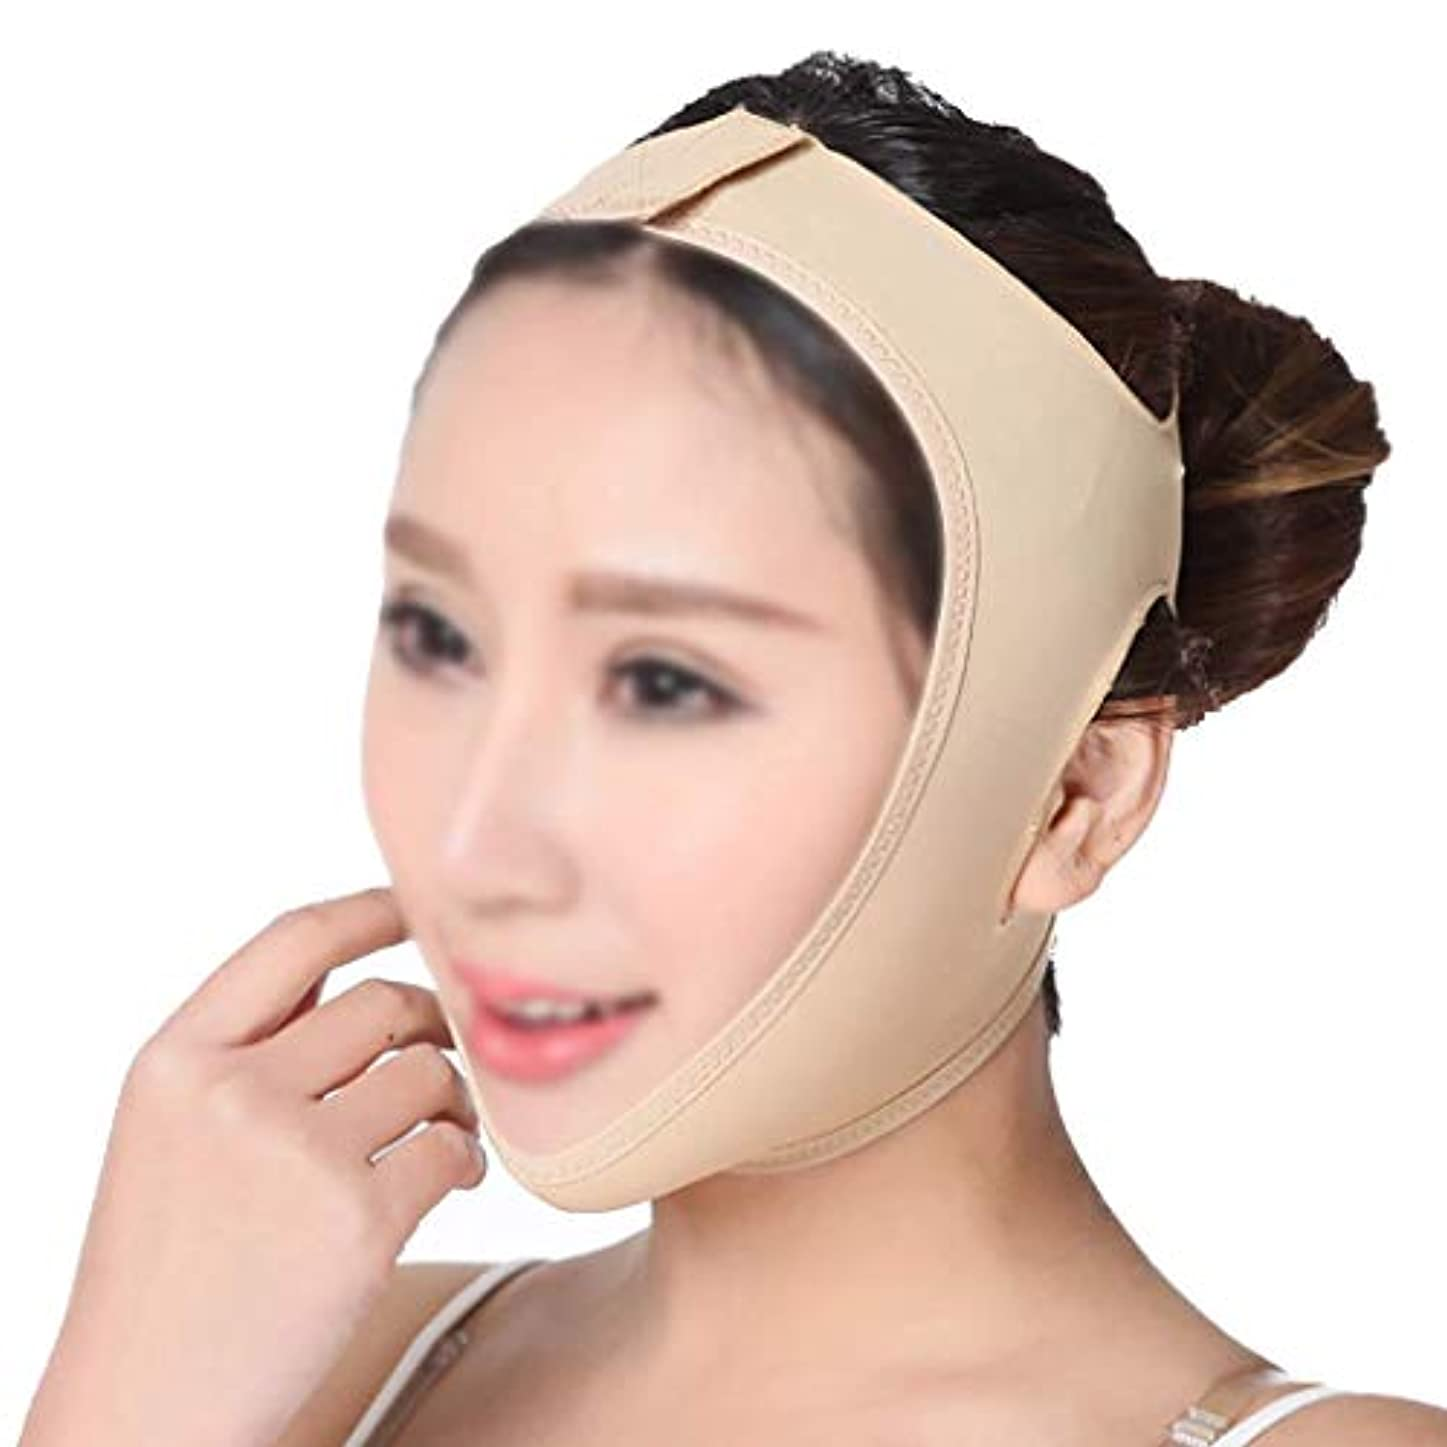 出力ウール郊外フェイスリフティングマスク、リフティングチン、フェイシャルスキン、頬垂れ防止、快適で 生地、詰まることを拒否、着用が簡単(サイズ:M),S